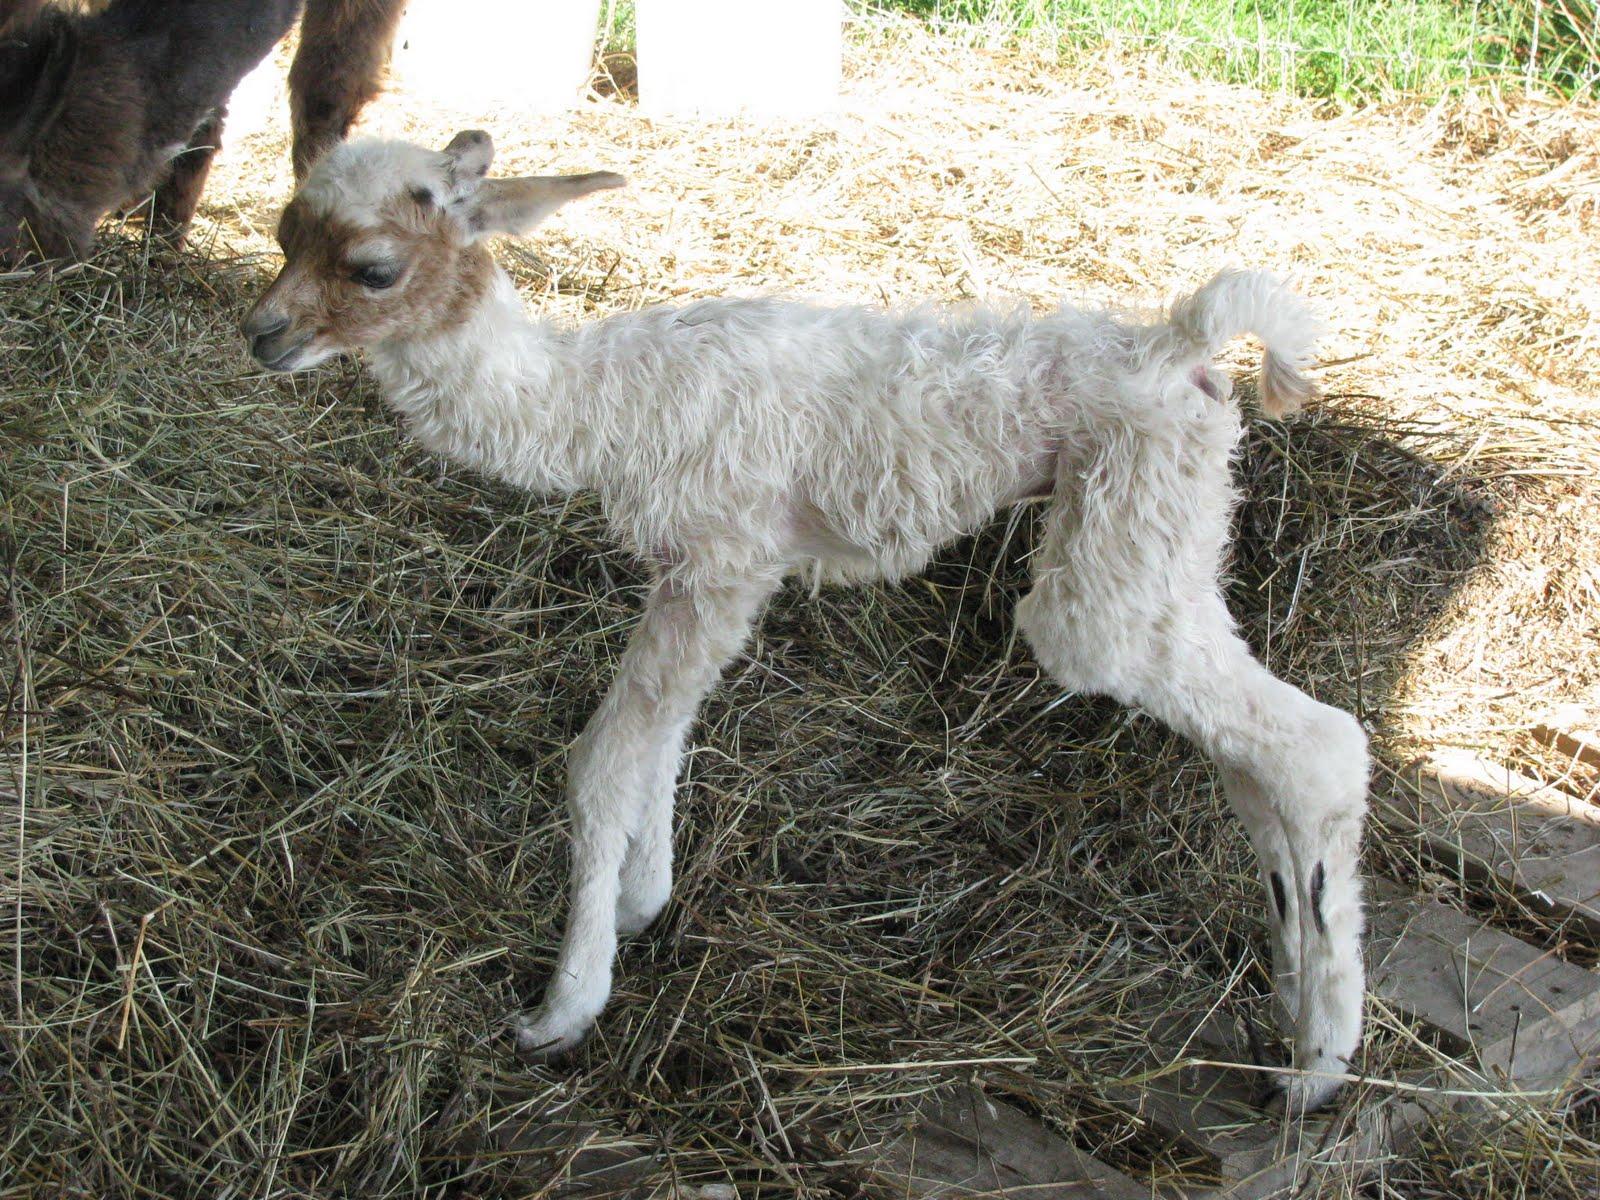 Cute Baby Llama Llama and she told me to